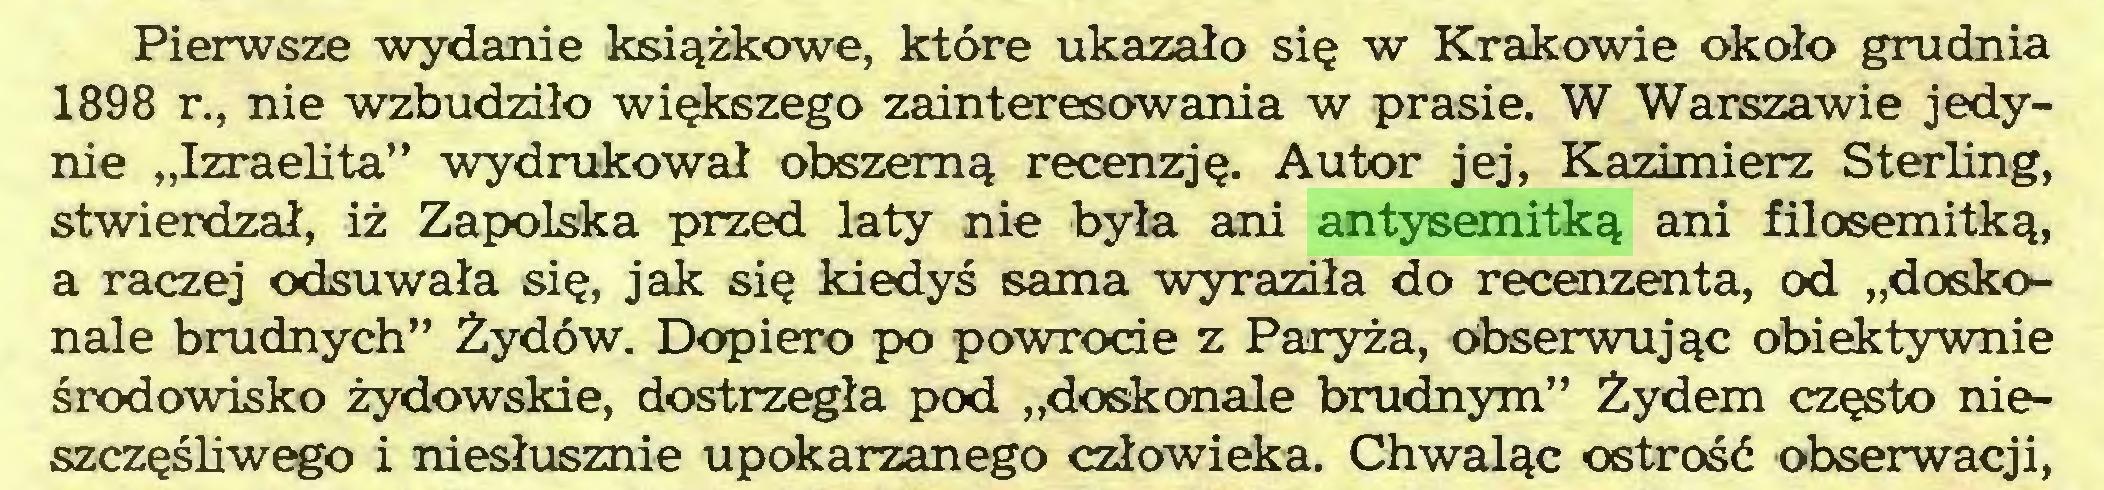 """(...) Pierwsze wydanie książkowe, które ukazało się w Krakowie około grudnia 1898 r., nie wzbudziło większego zainteresowania w prasie. W Warszawie jedynie """"Izraelita"""" wydrukował obszerną recenzję. Autor jej, Kazimierz Sterling, stwierdzał, iż Zapolska przed laty nie była ani antysemitką ani filosemitką, a raczej odsuwała się, jak się kiedyś sama wyraziła do recenzenta, od """"doskonale brudnych"""" Żydów. Dopiero po powrocie z Paryża, Obserwując obiektywnie środowisko żydowskie, dostrzegła pod """"doskonale brudnym"""" Żydem często nieszczęśliwego i niesłusznie upokarzanego człowieka. Chwaląc ostrość obserwacji,..."""